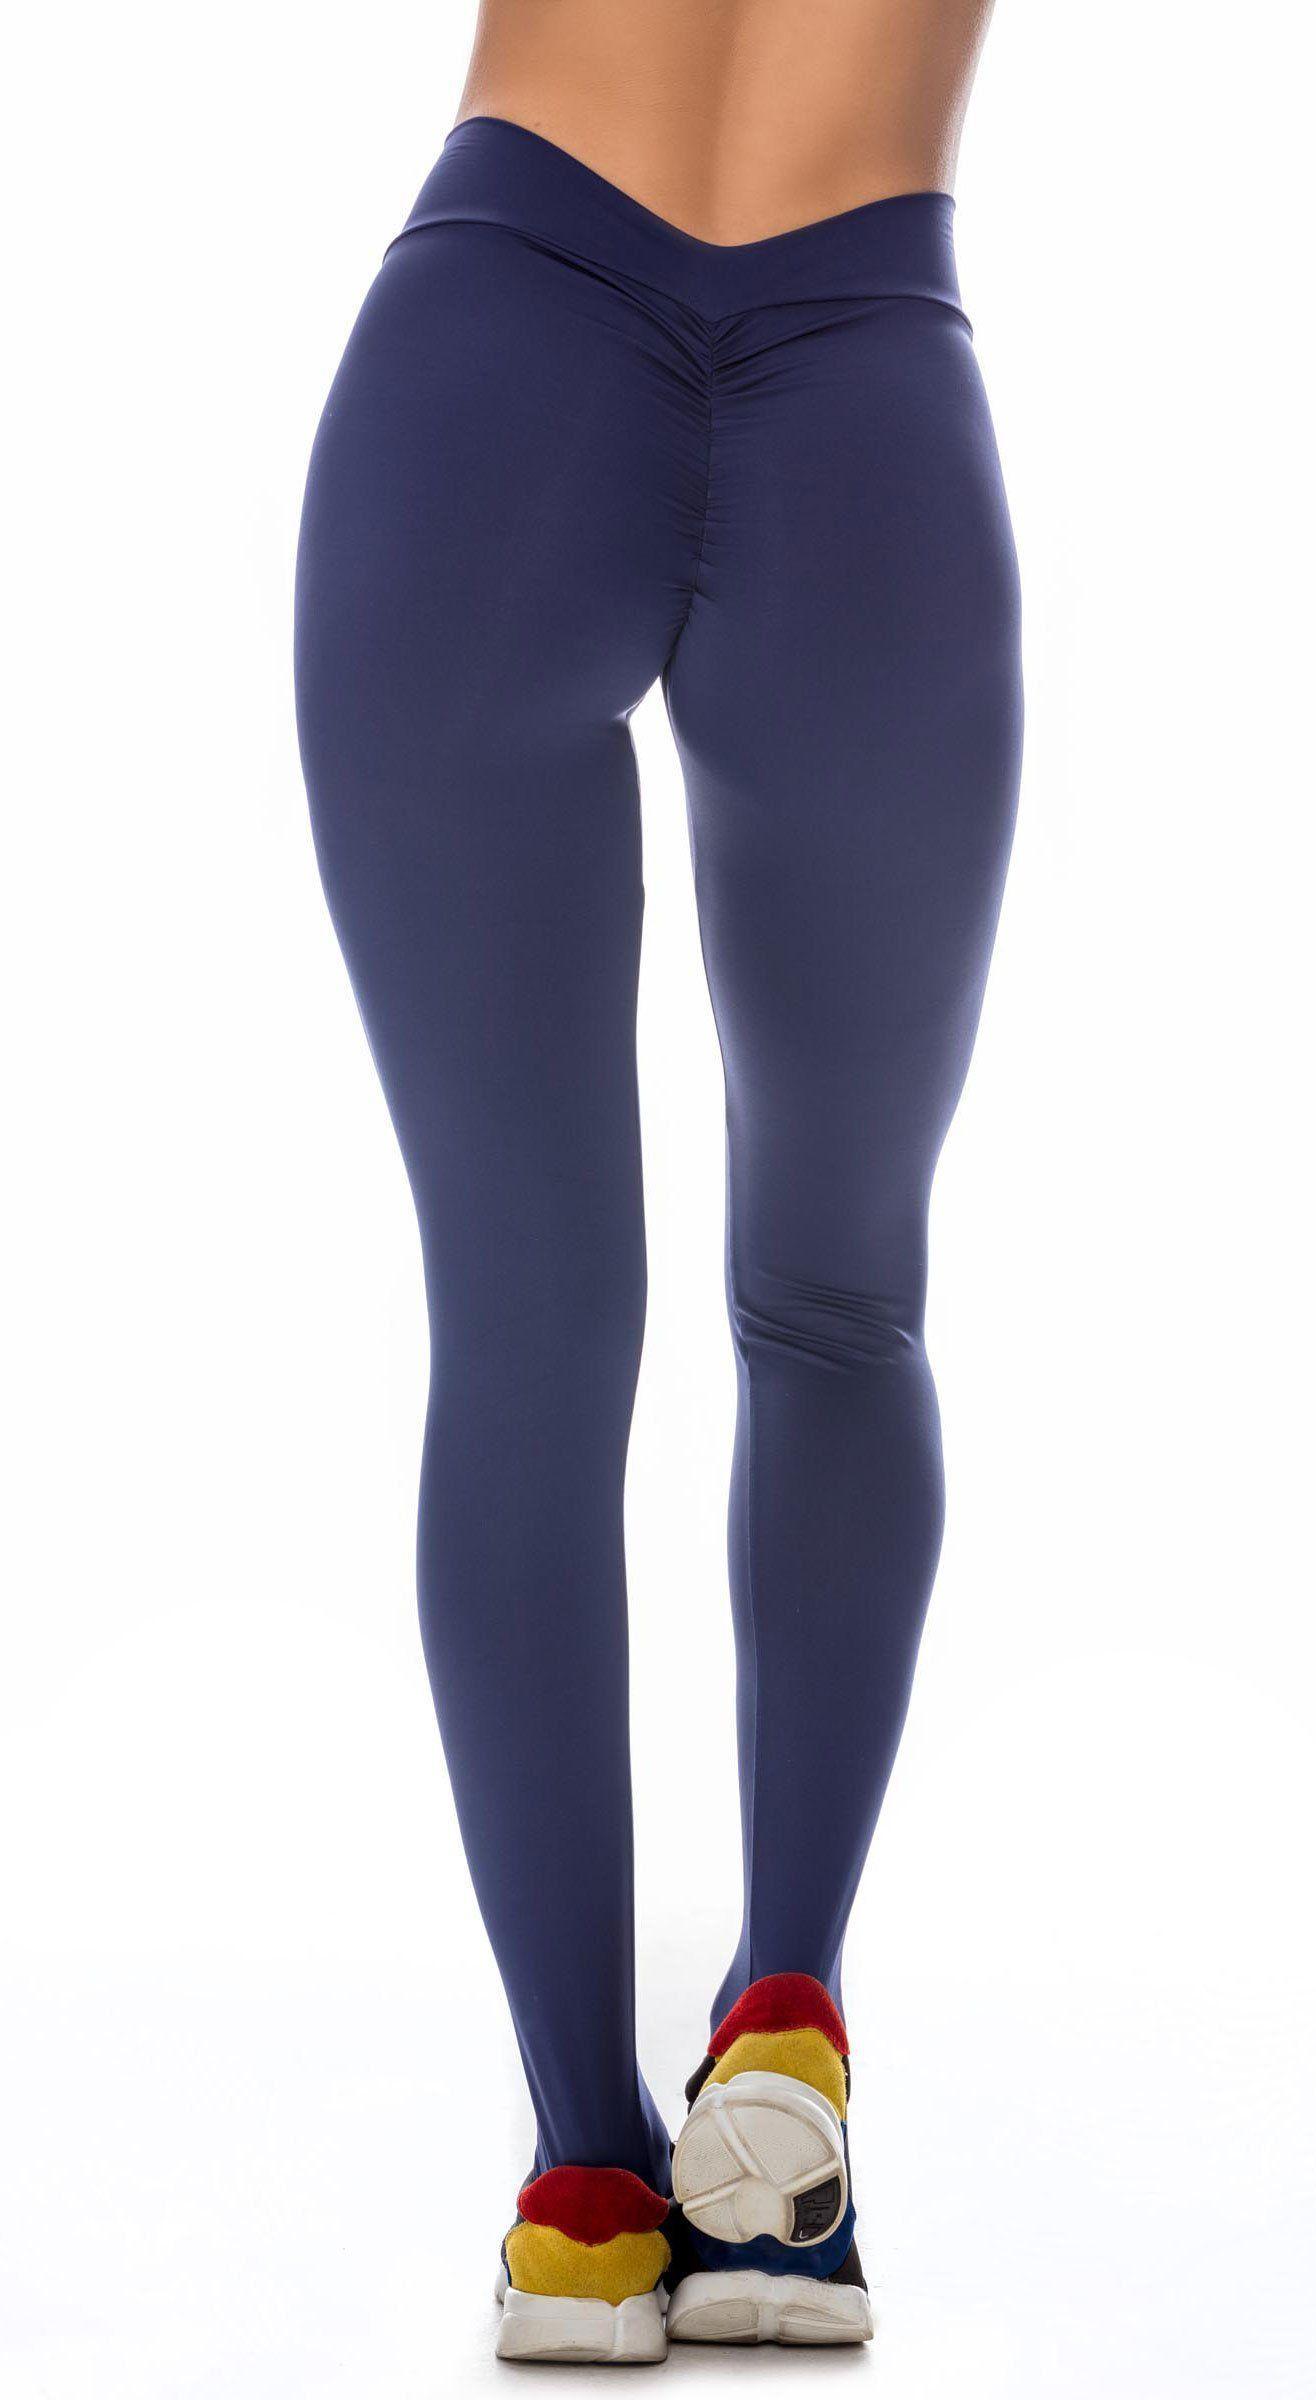 a243fd0dd62f0c 6 Scrunch Butt Leggings That'll Make Your A** Look Amazing